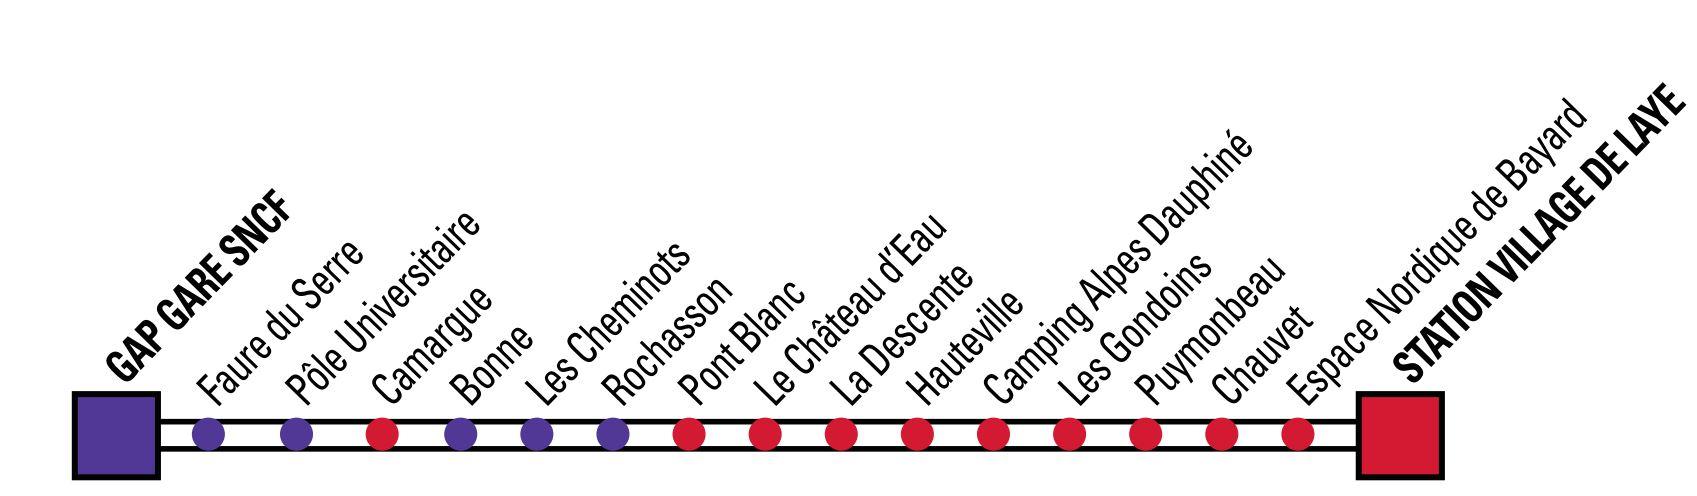 Arrêt navette Gap - Bayard - Laye